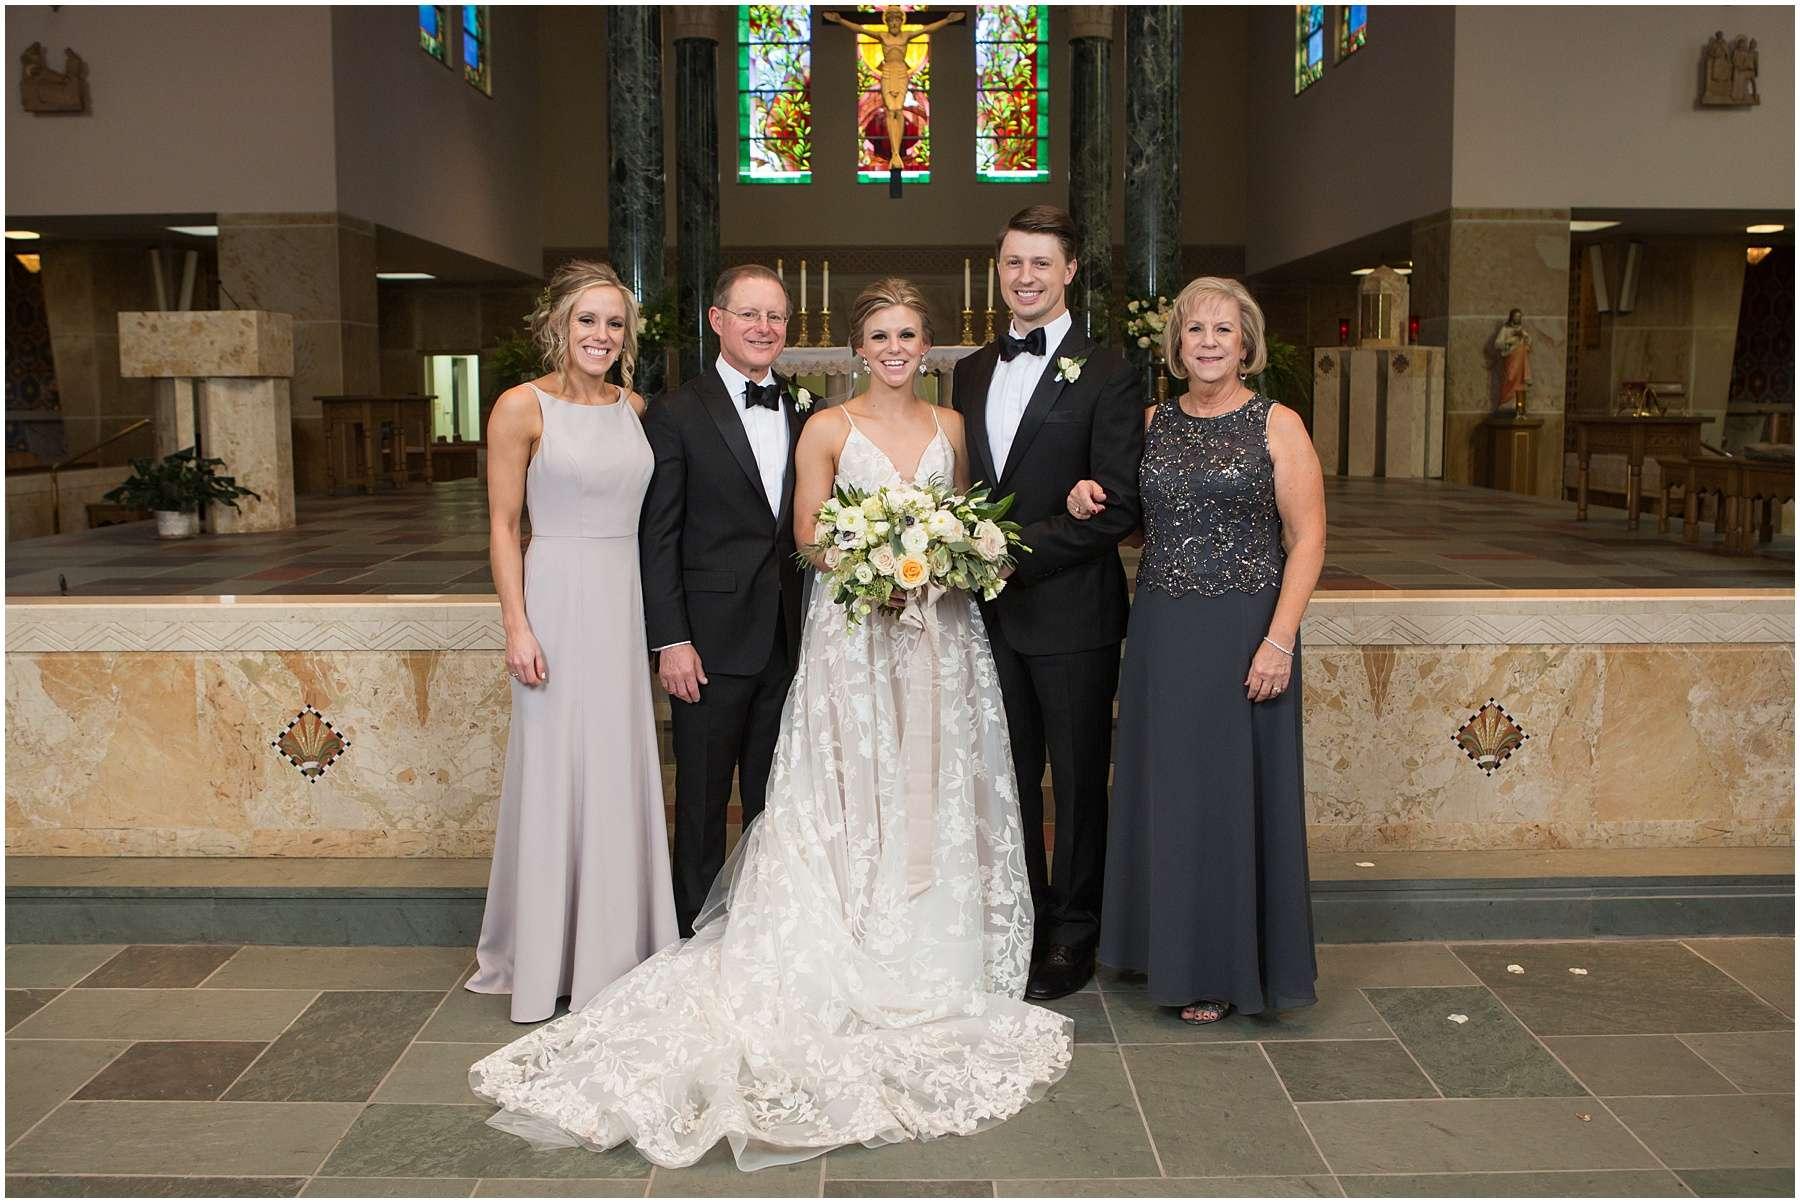 Wedding at the Ohio Statehouse | Columbus Ohio Weddings 134